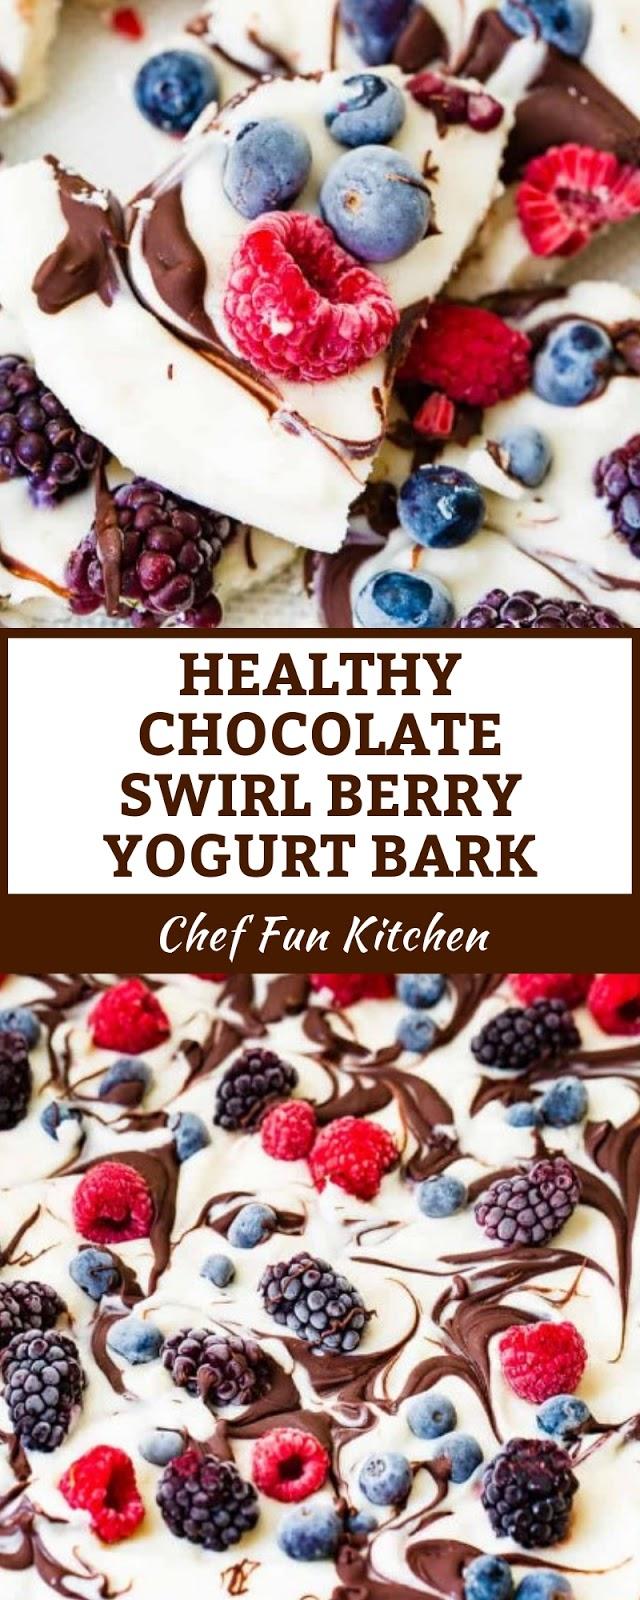 HEALTHY CHOCOLATE SWIRL BERRY YOGURT BARK